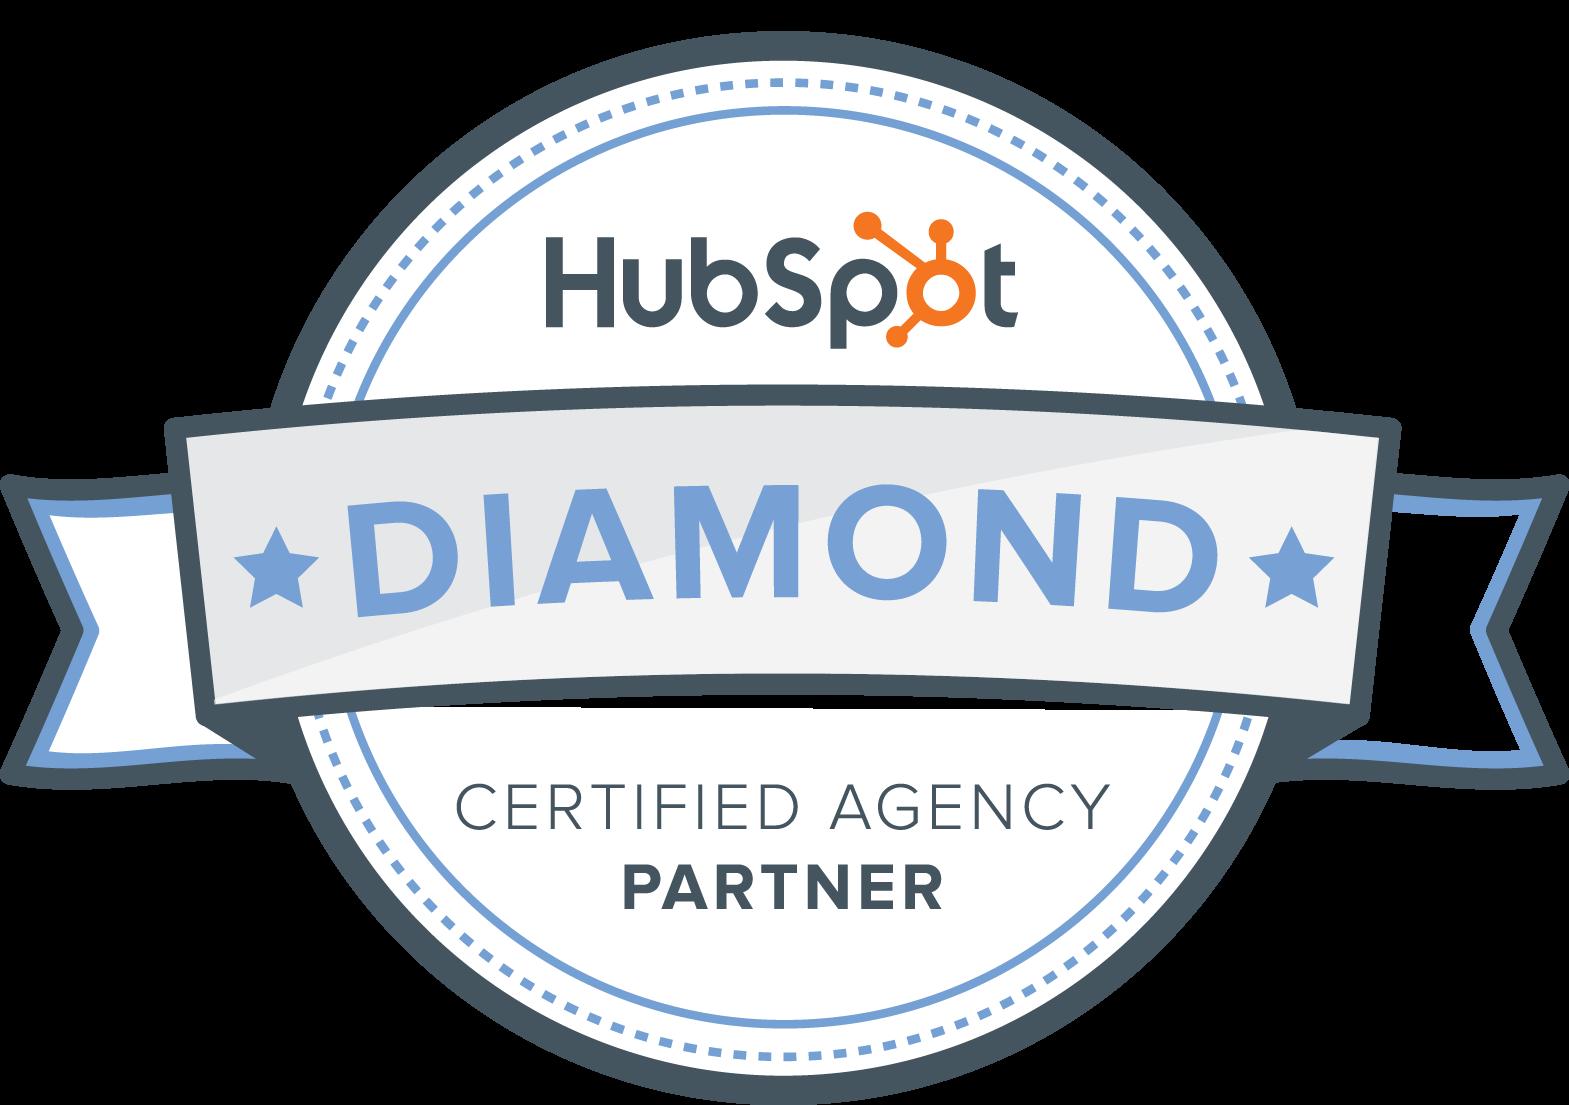 jdr-hubspot-Diamond-partner